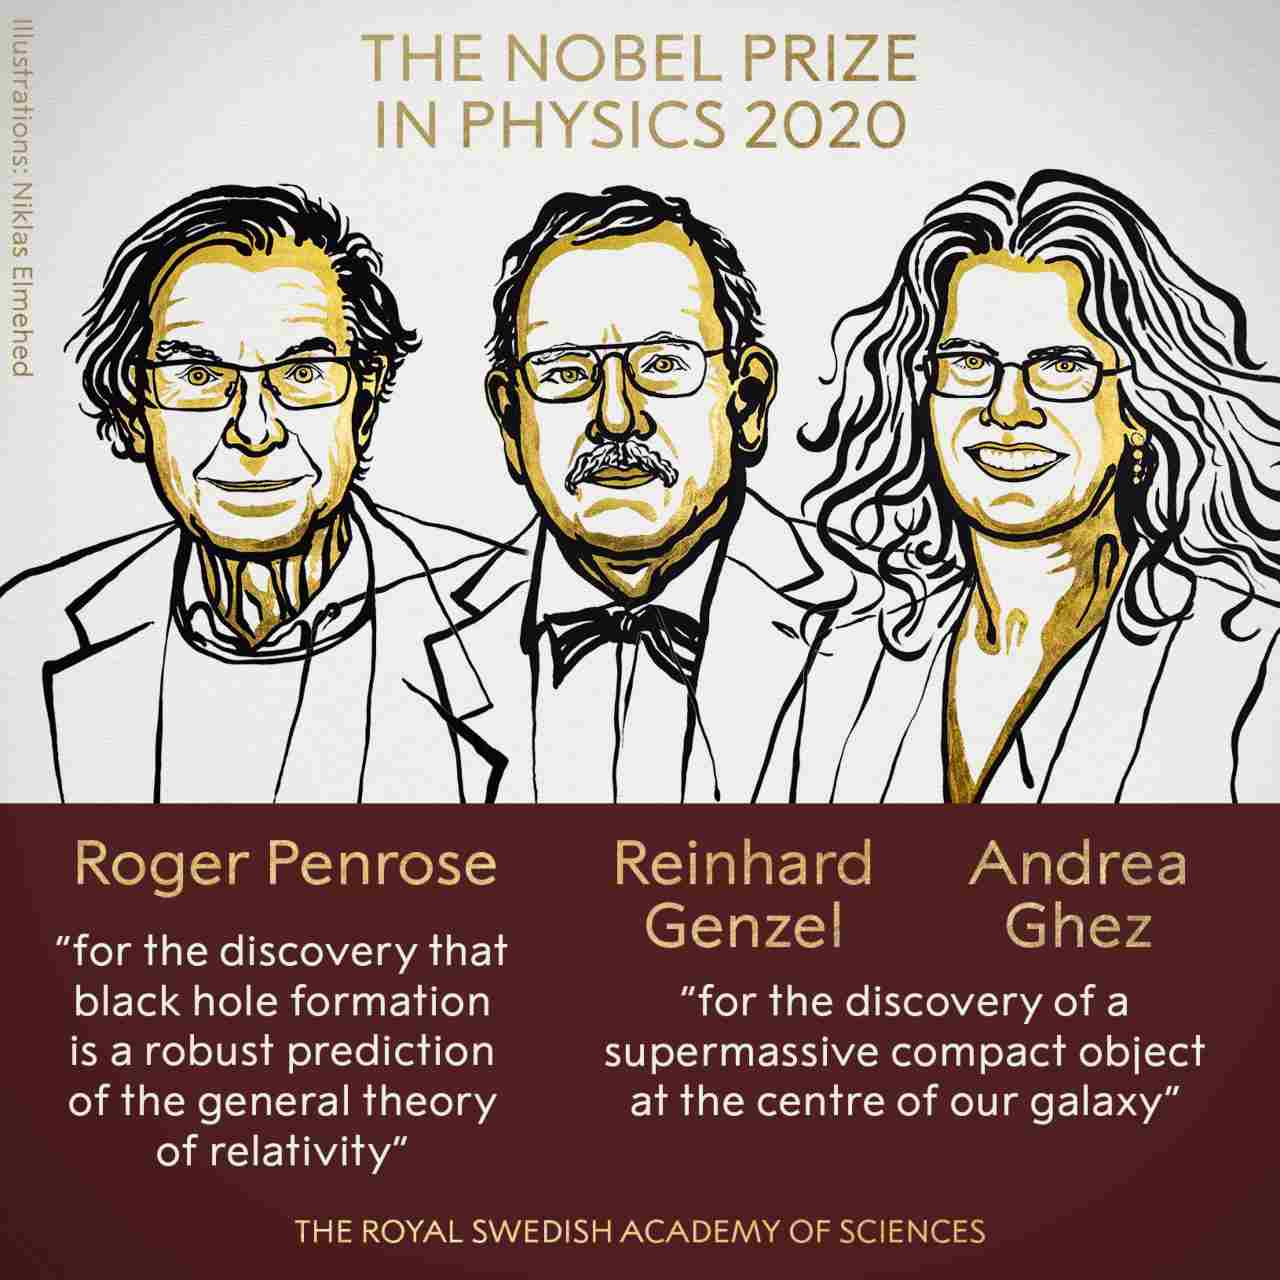 Le prix Nobel 2020 de physique décerné à des scientifiques britanniques, allemands et américains pour leurs découvertes en cosmologie et trous noirs